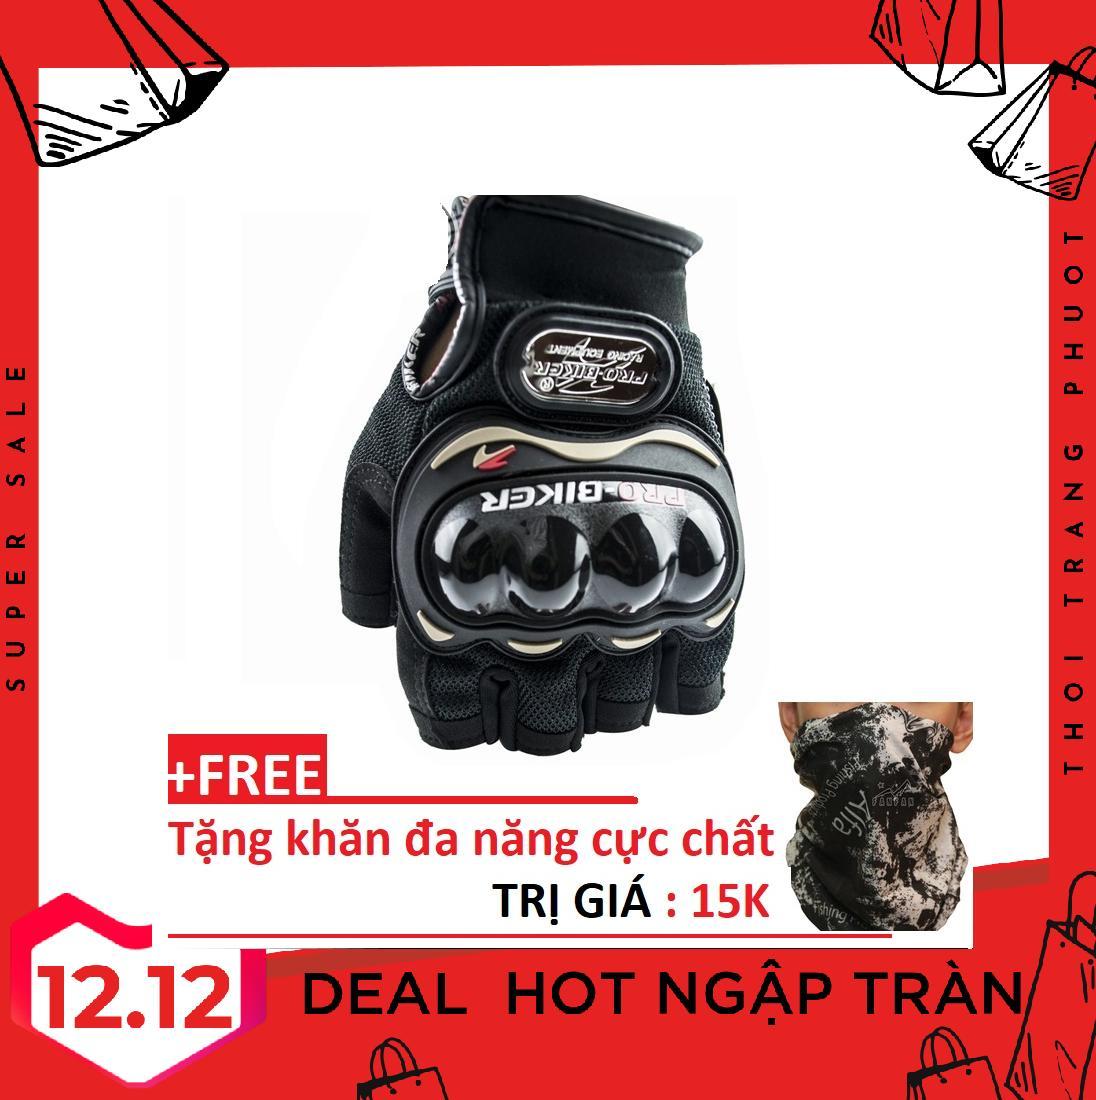 Găng Tay Pro-Biker Dành Cho Phượt Thủ, găng tay cụt ngón xe máy, găng tay nam, găng tay phượt + tặng kèm khăn đa năng trị giá 15k